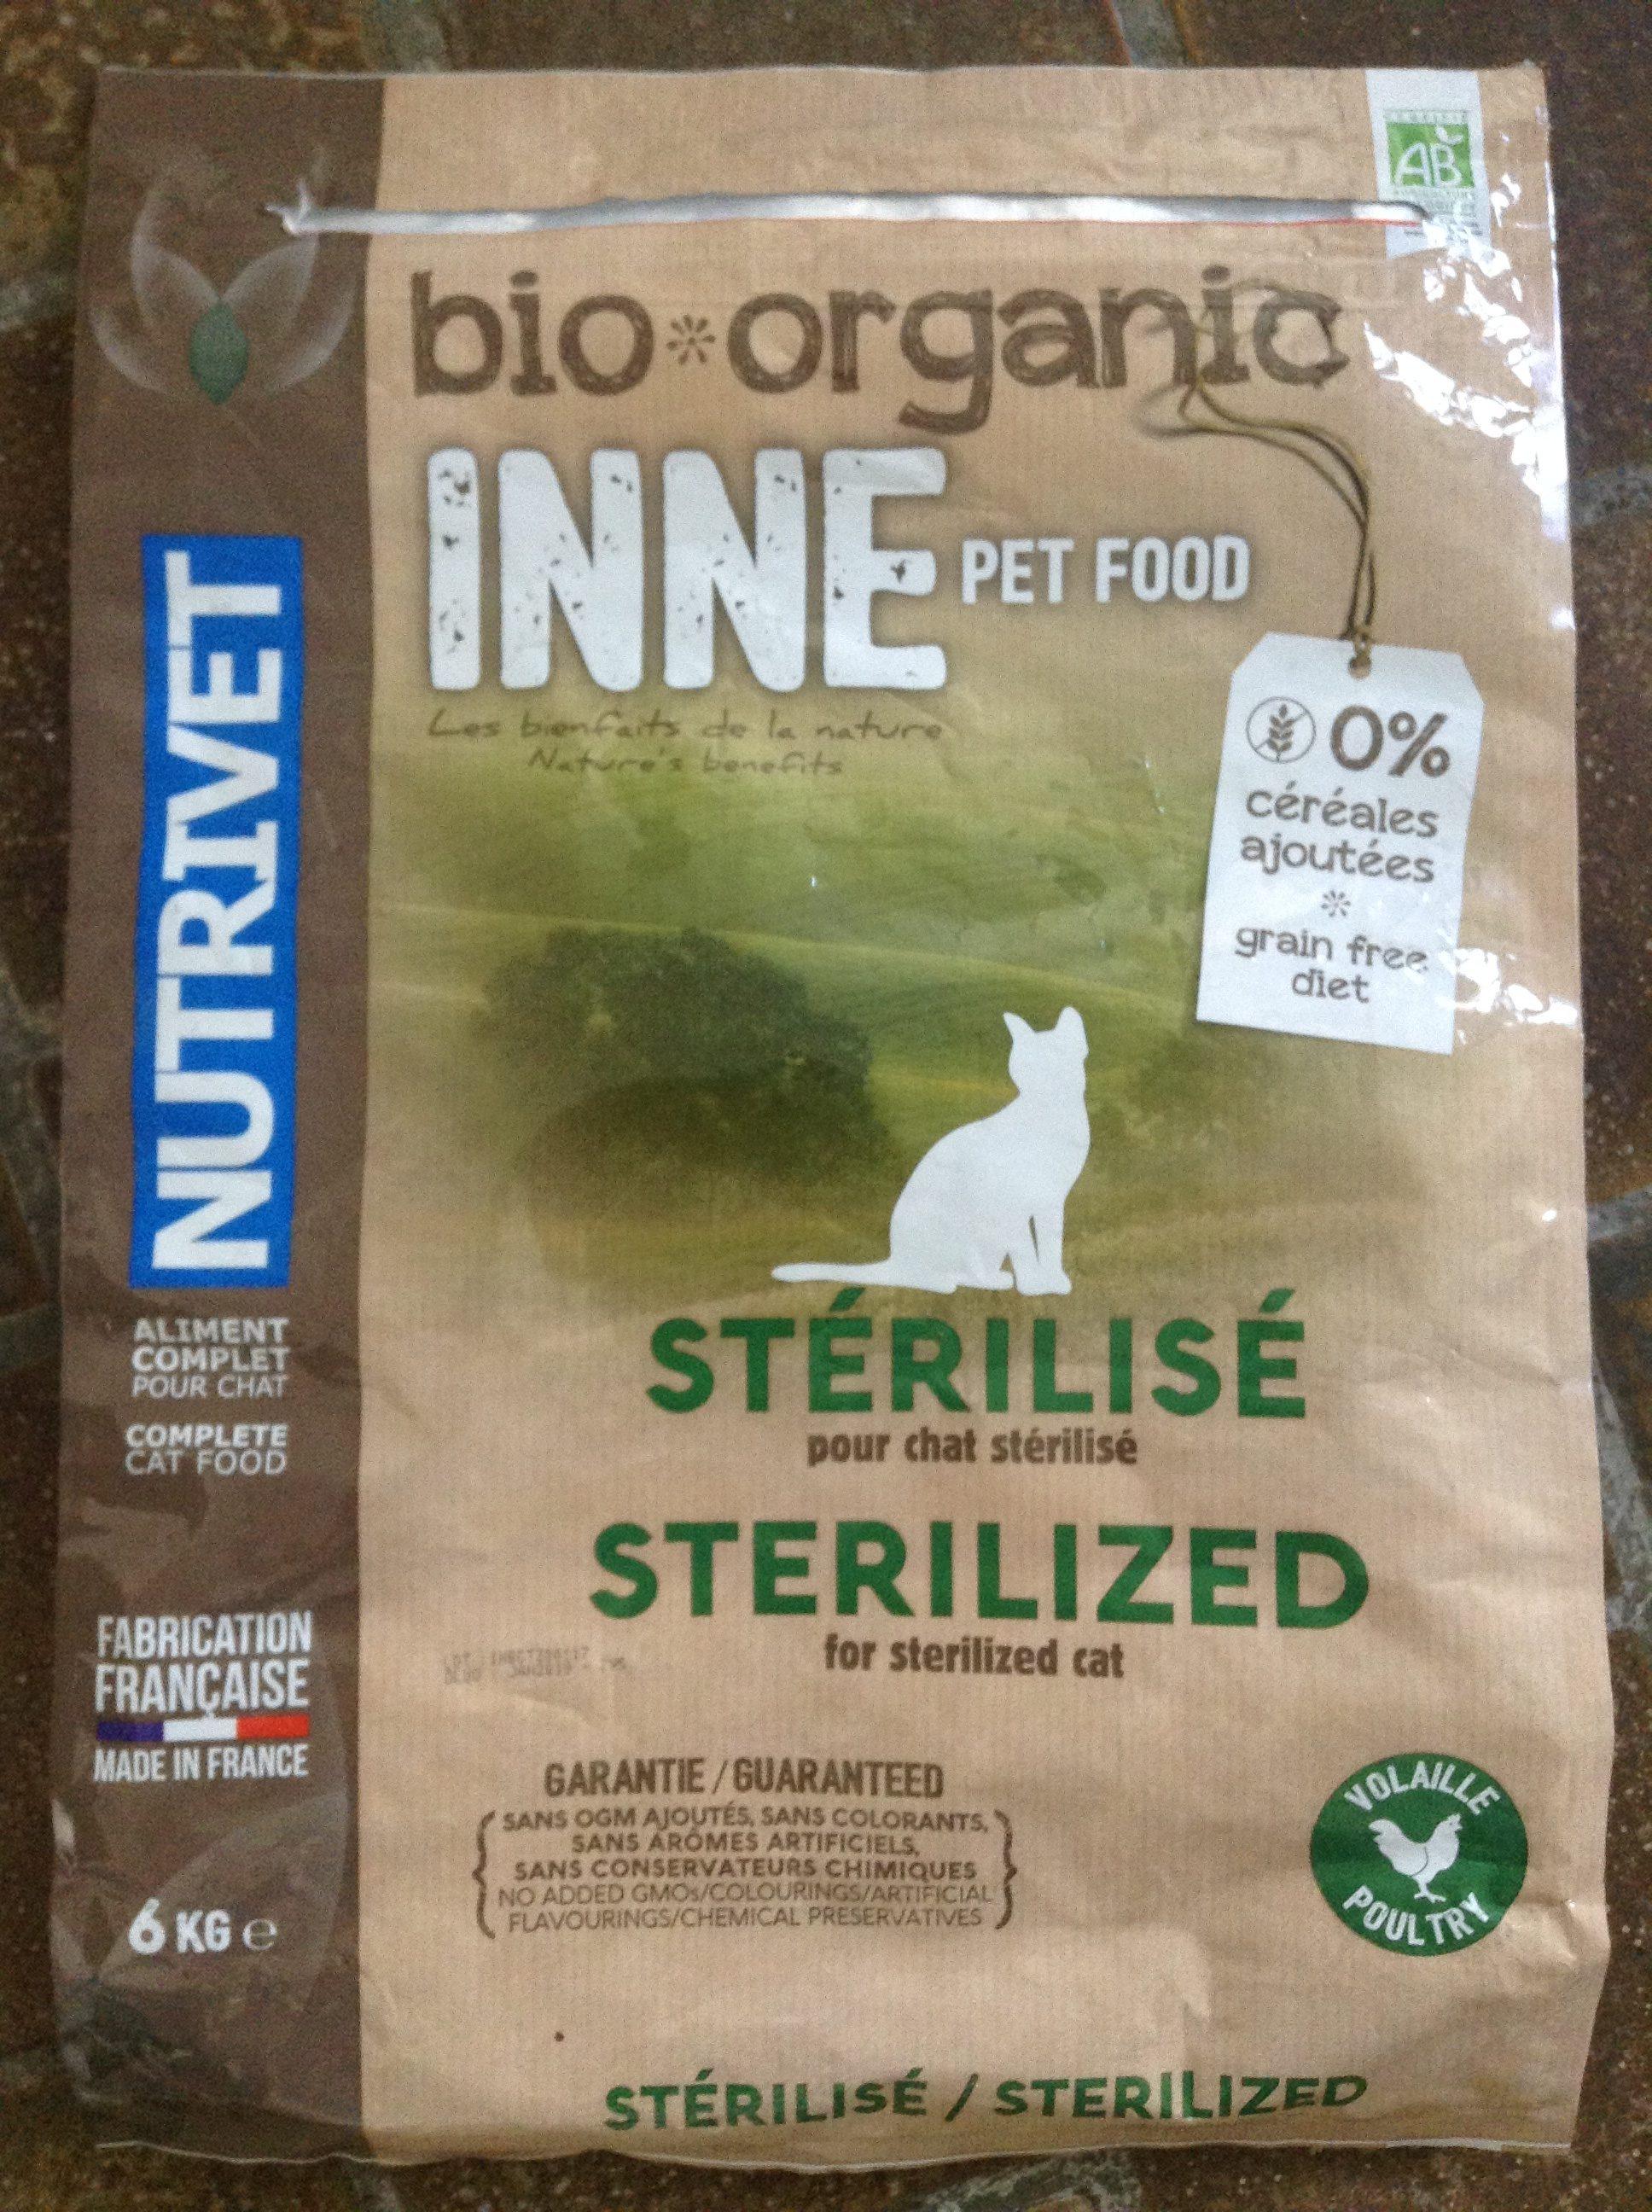 Bio organic pet food pour chat stérilisé - Product - fr